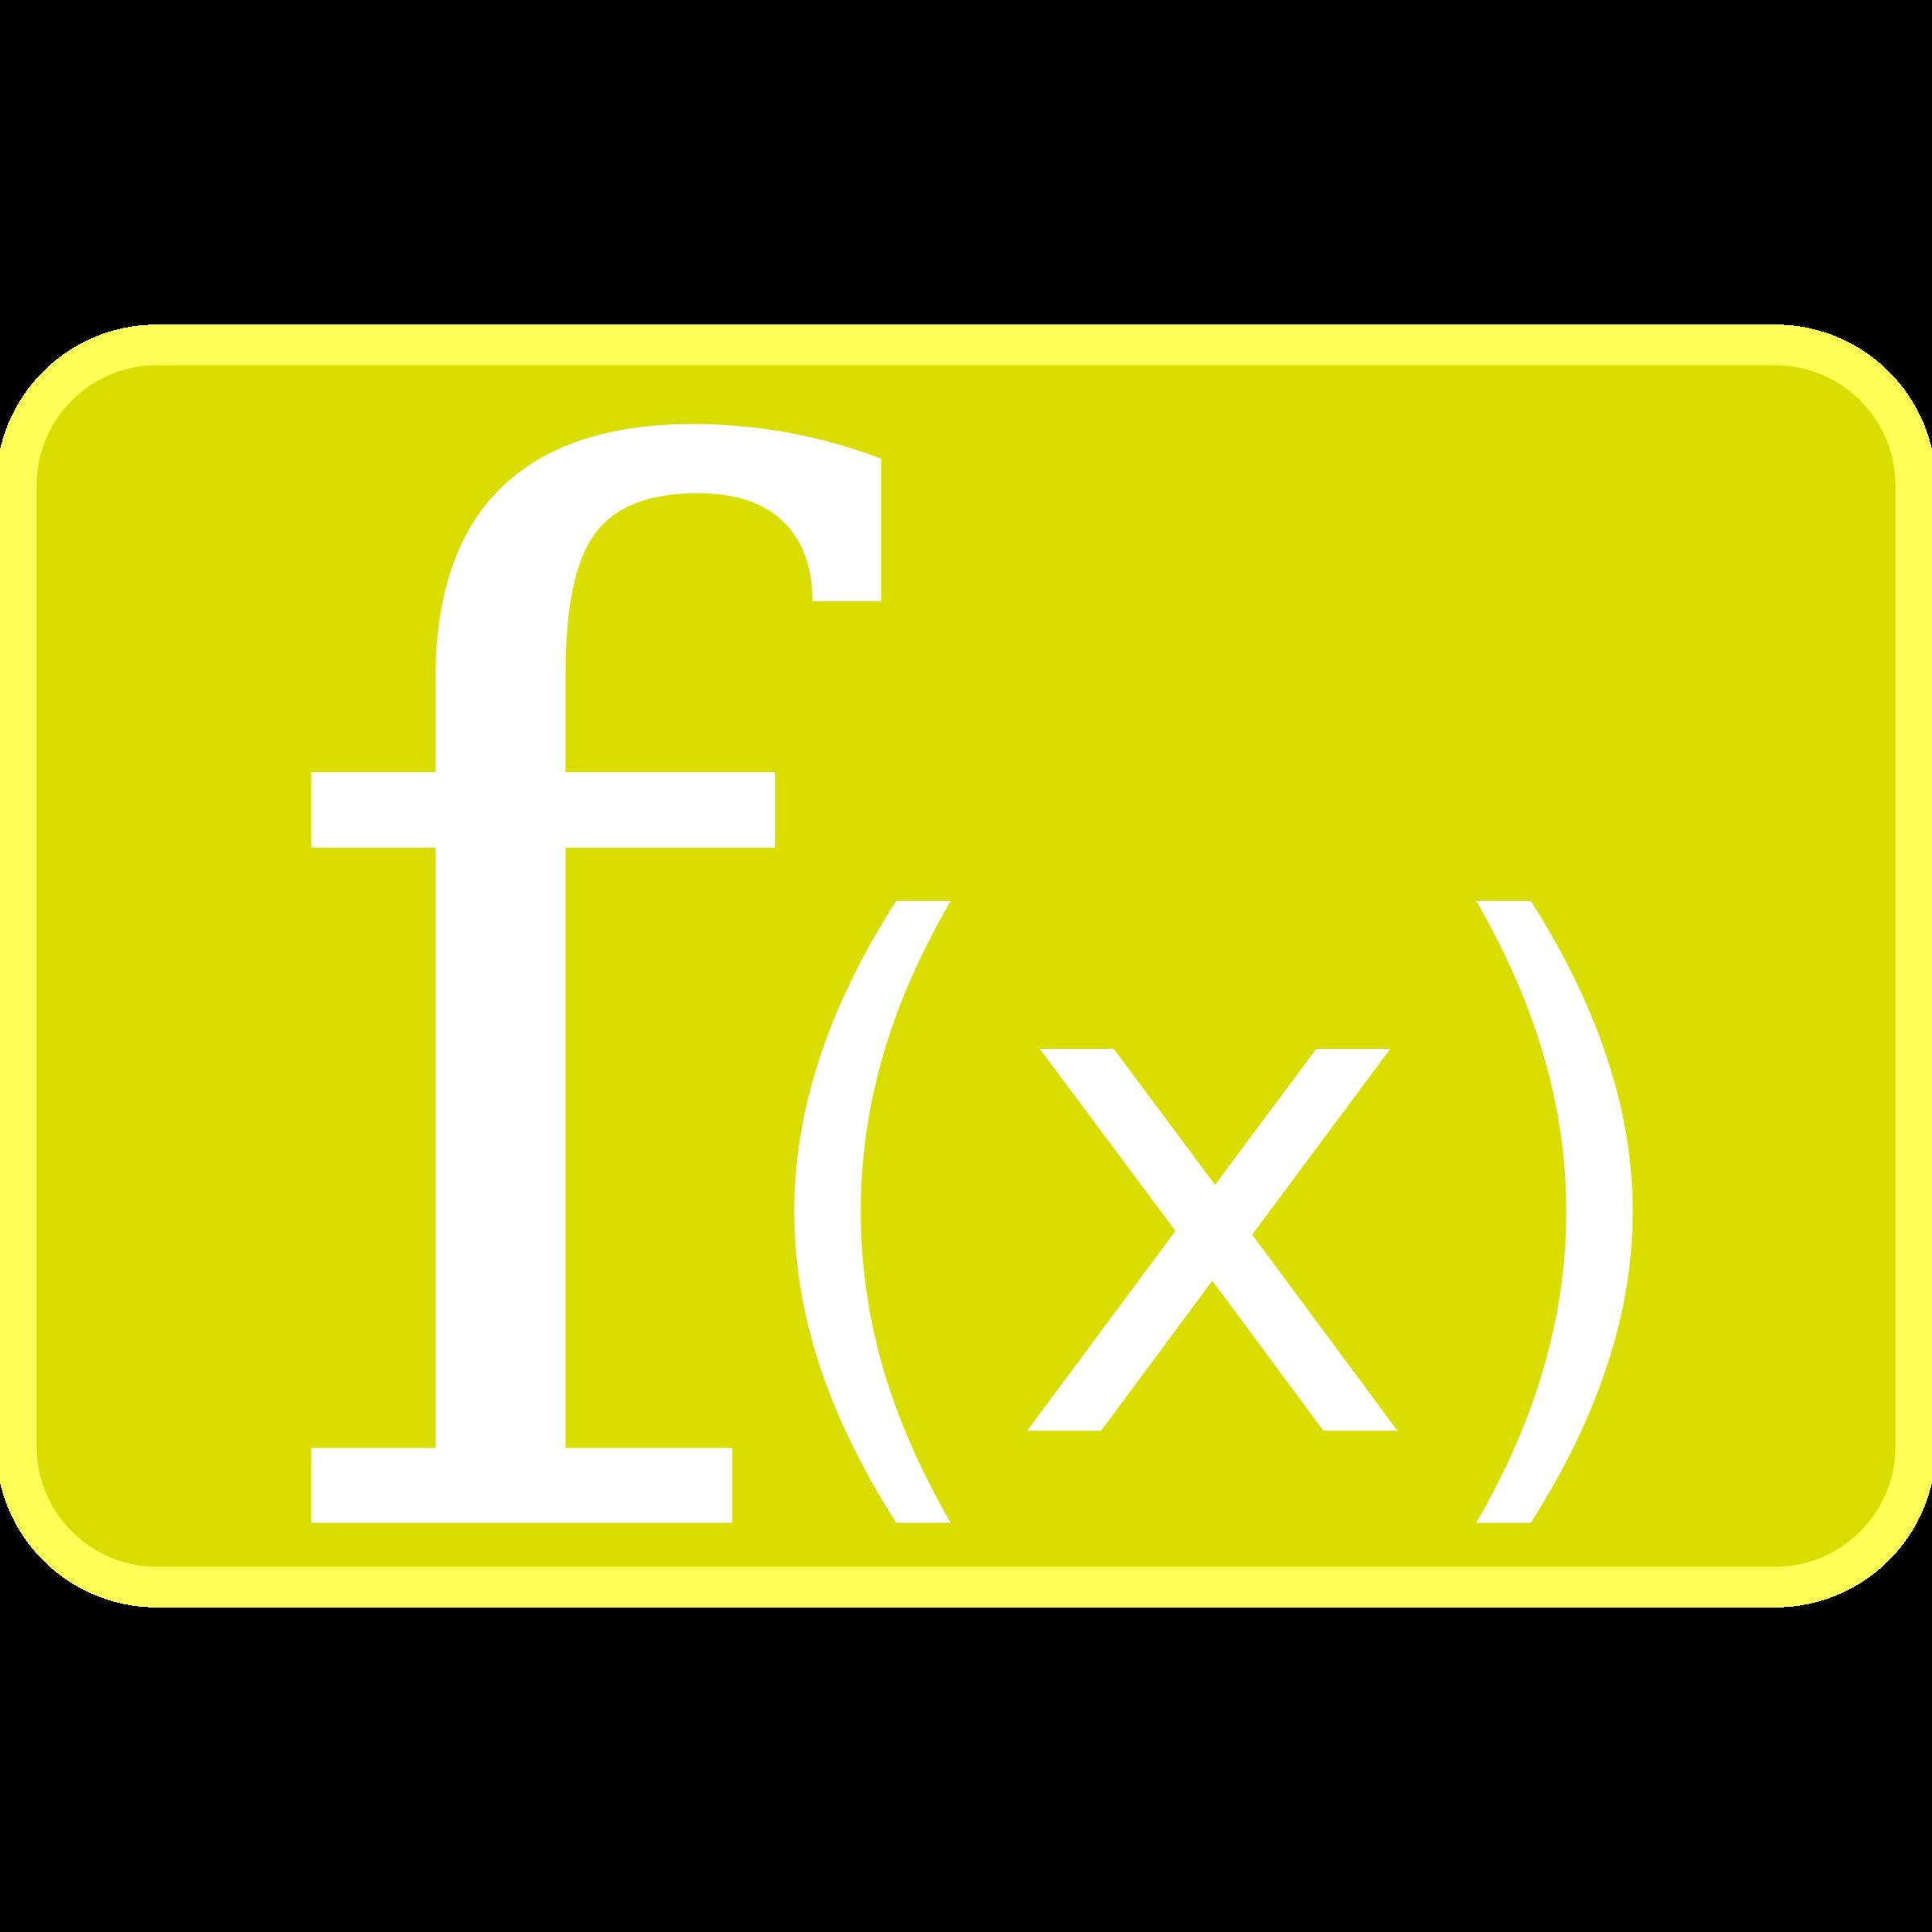 Fraction clipart testing. Clip art for teachers